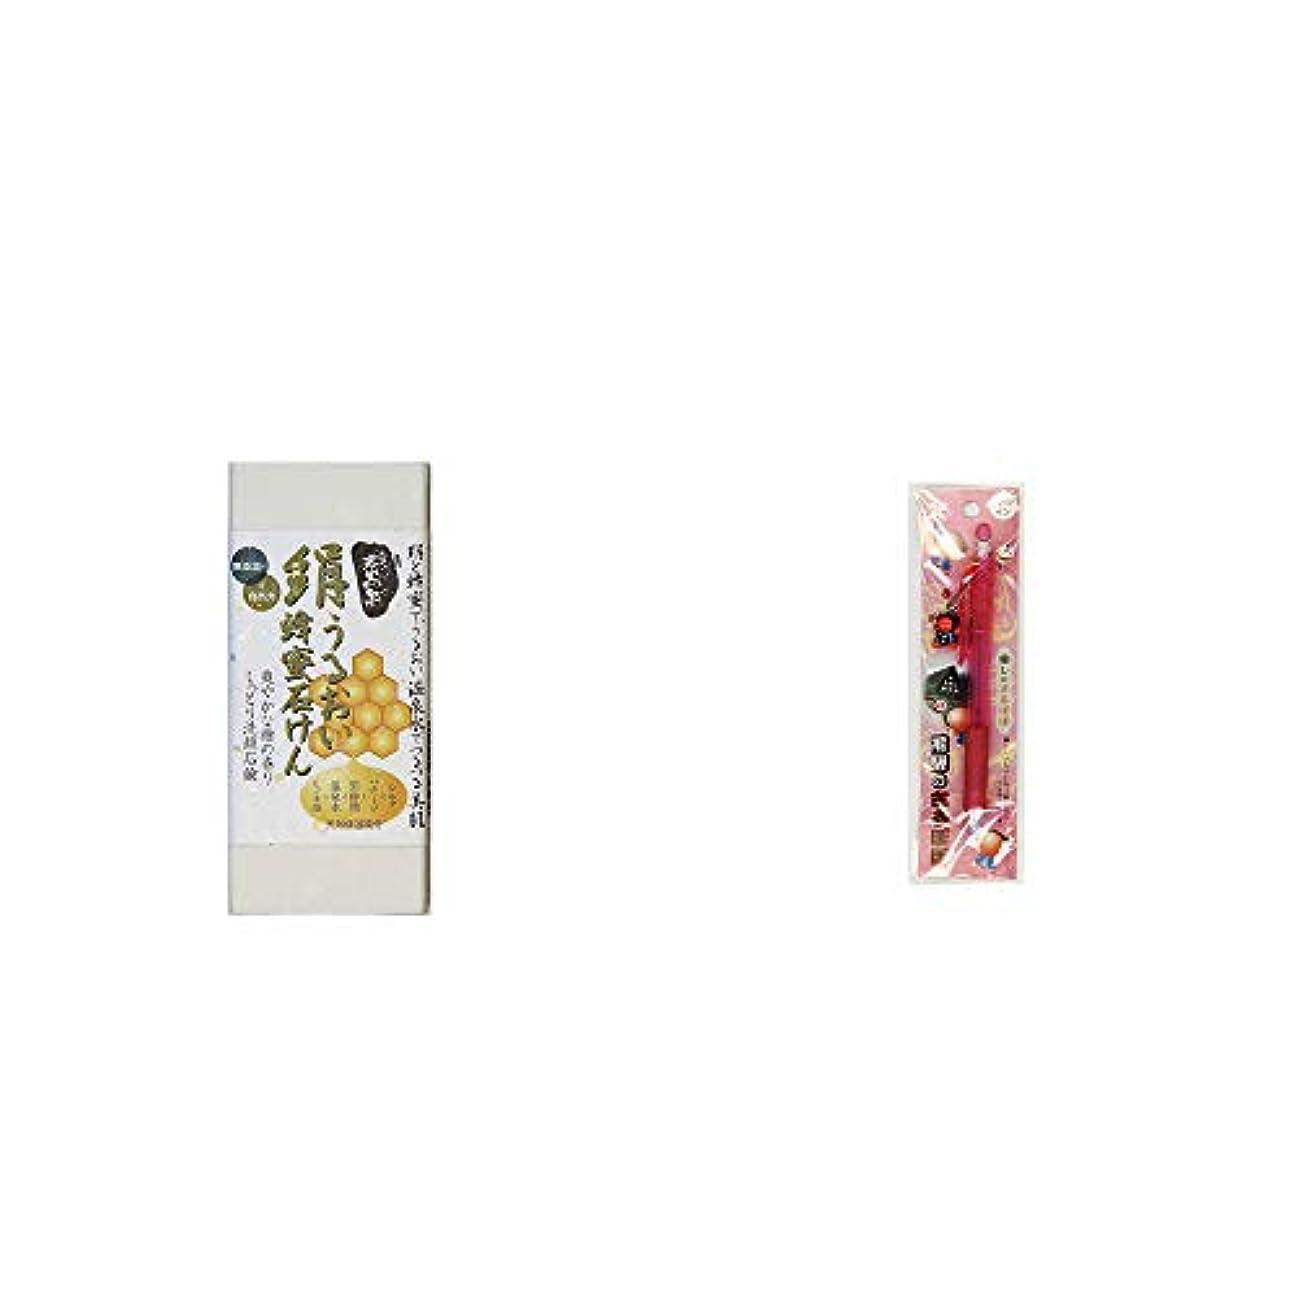 むさぼり食う打たれたトラック試み[2点セット] ひのき炭黒泉 絹うるおい蜂蜜石けん(75g×2)?さるぼぼ 癒しシャープペン 【ピンク】